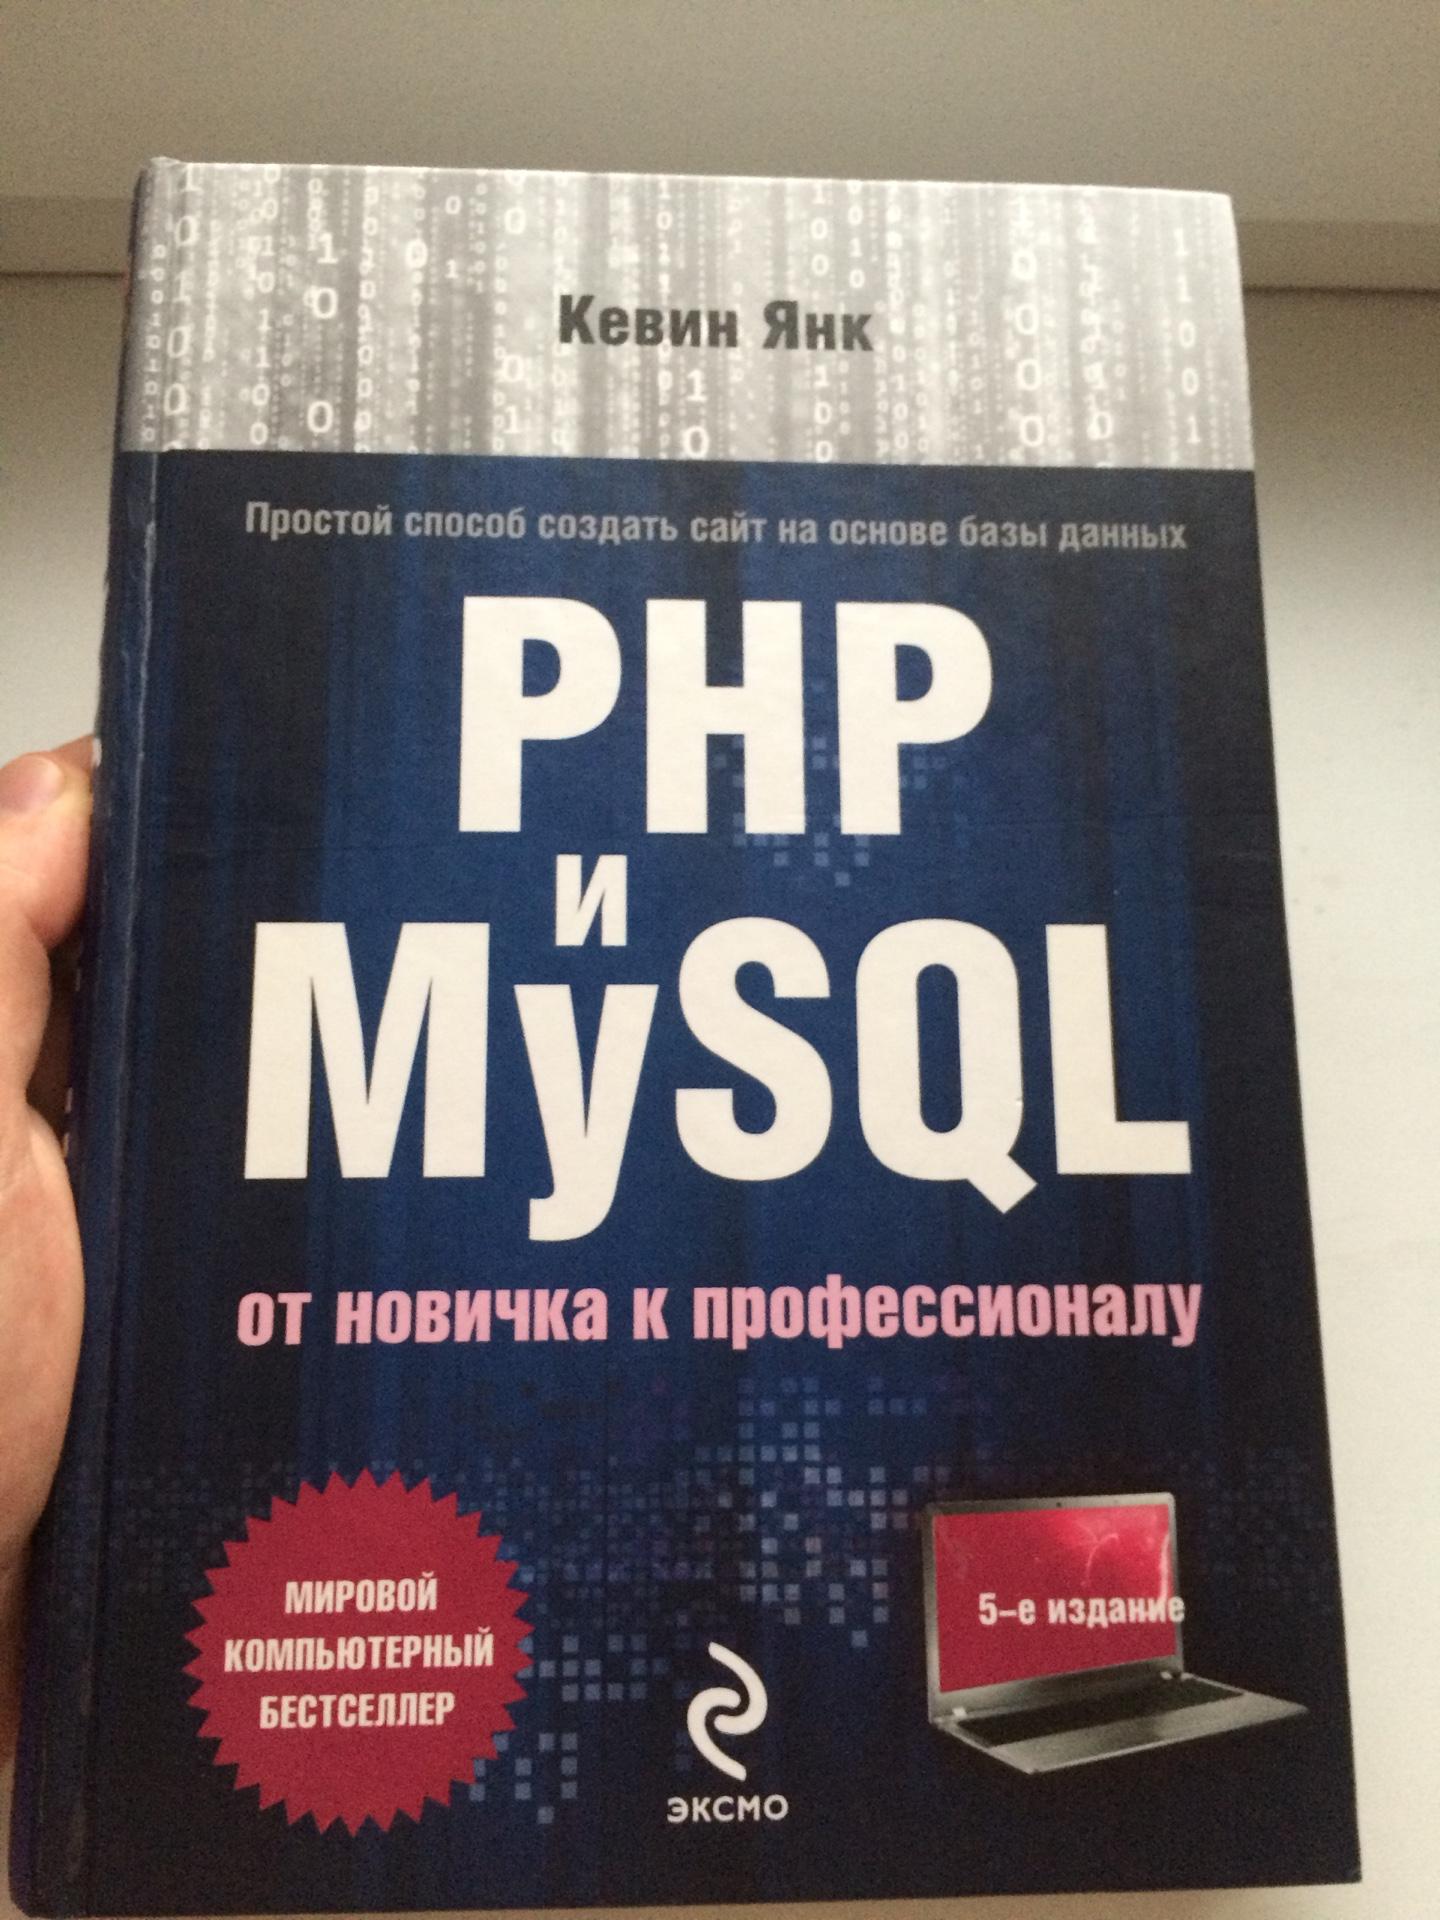 Кевин Янк -PHP+MySQL